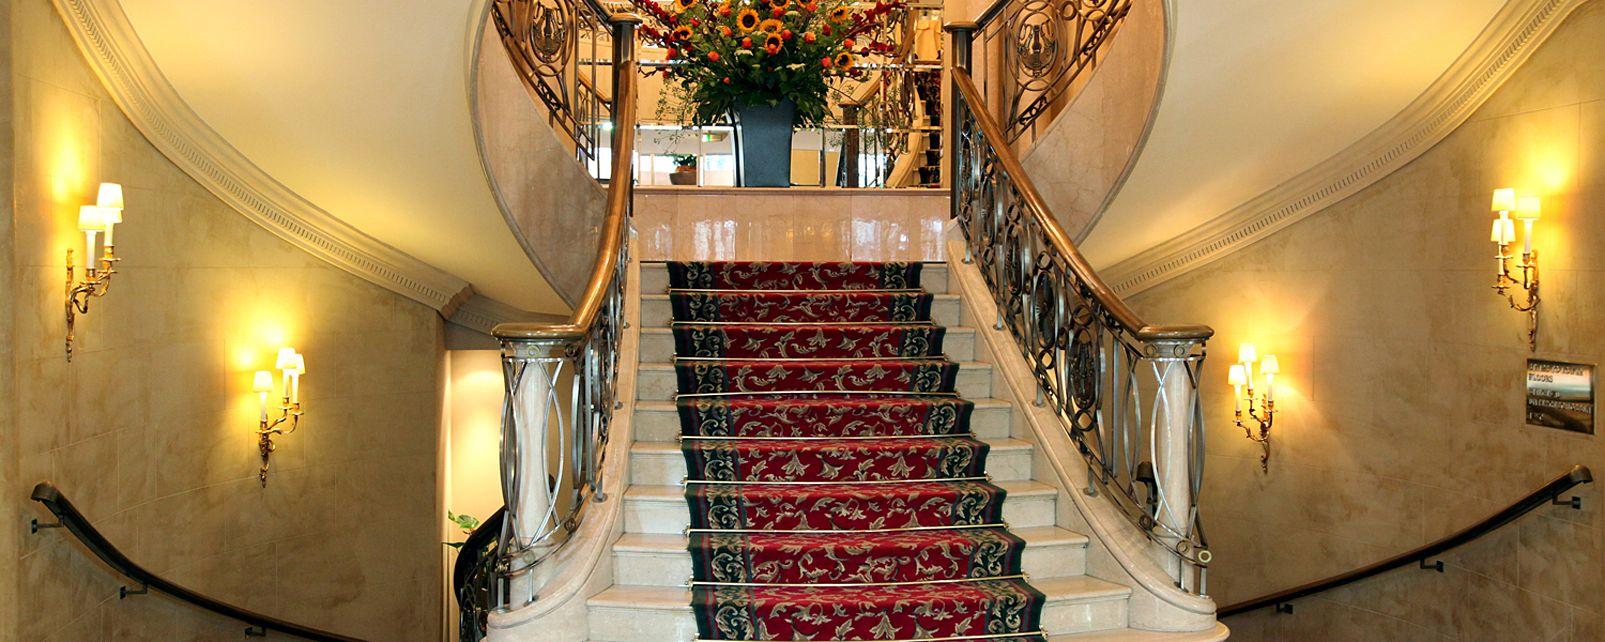 Hotel Grand Vienna, Wien